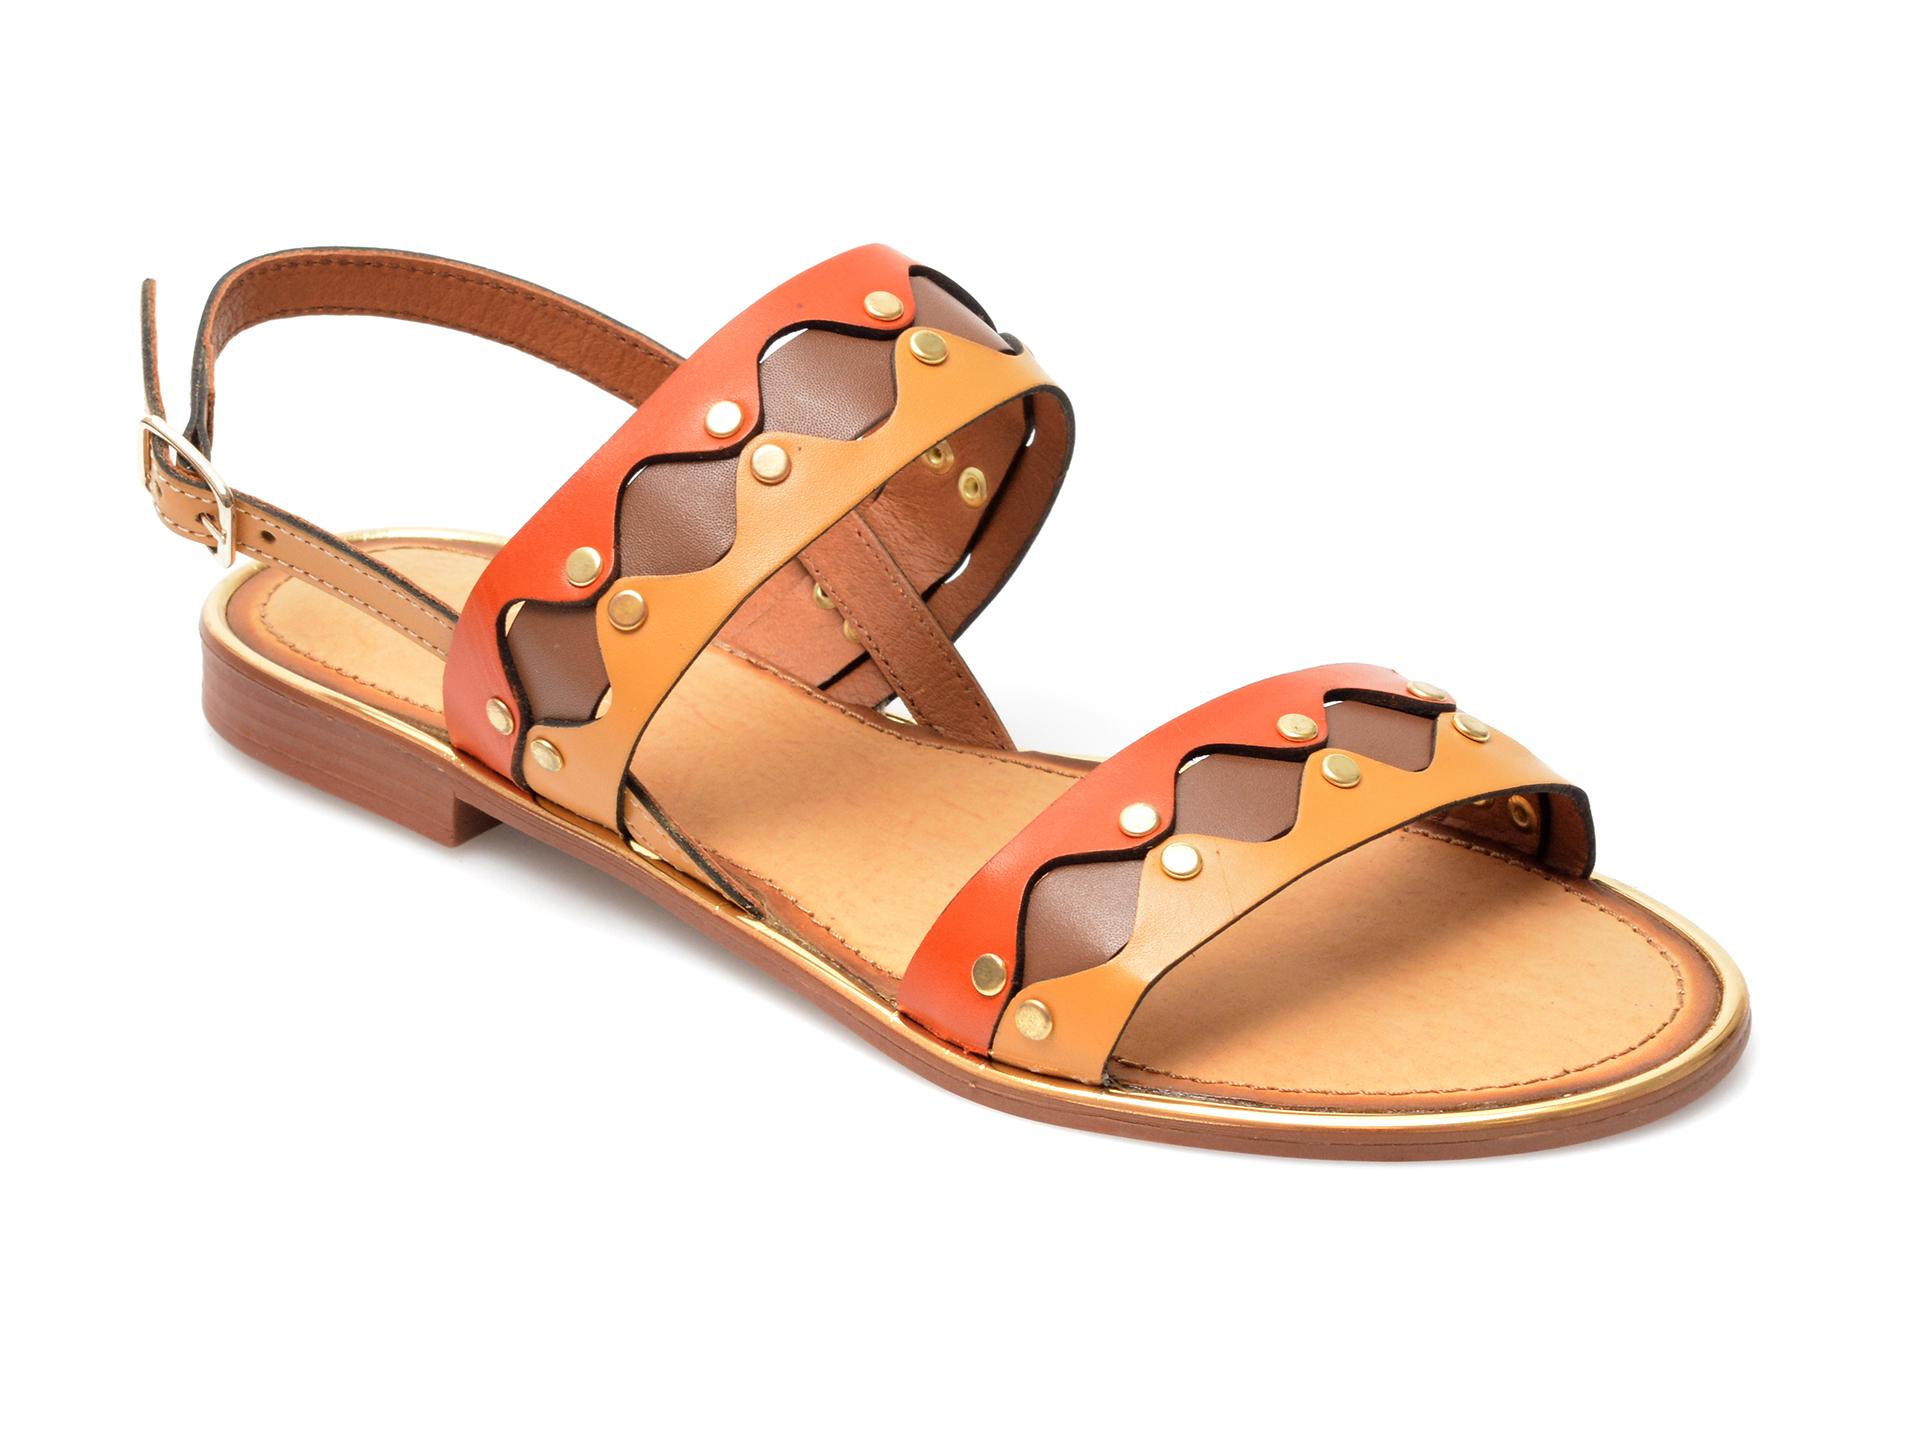 Sandale FLAVIA PASSINI portocalii, 5799, din piele naturala